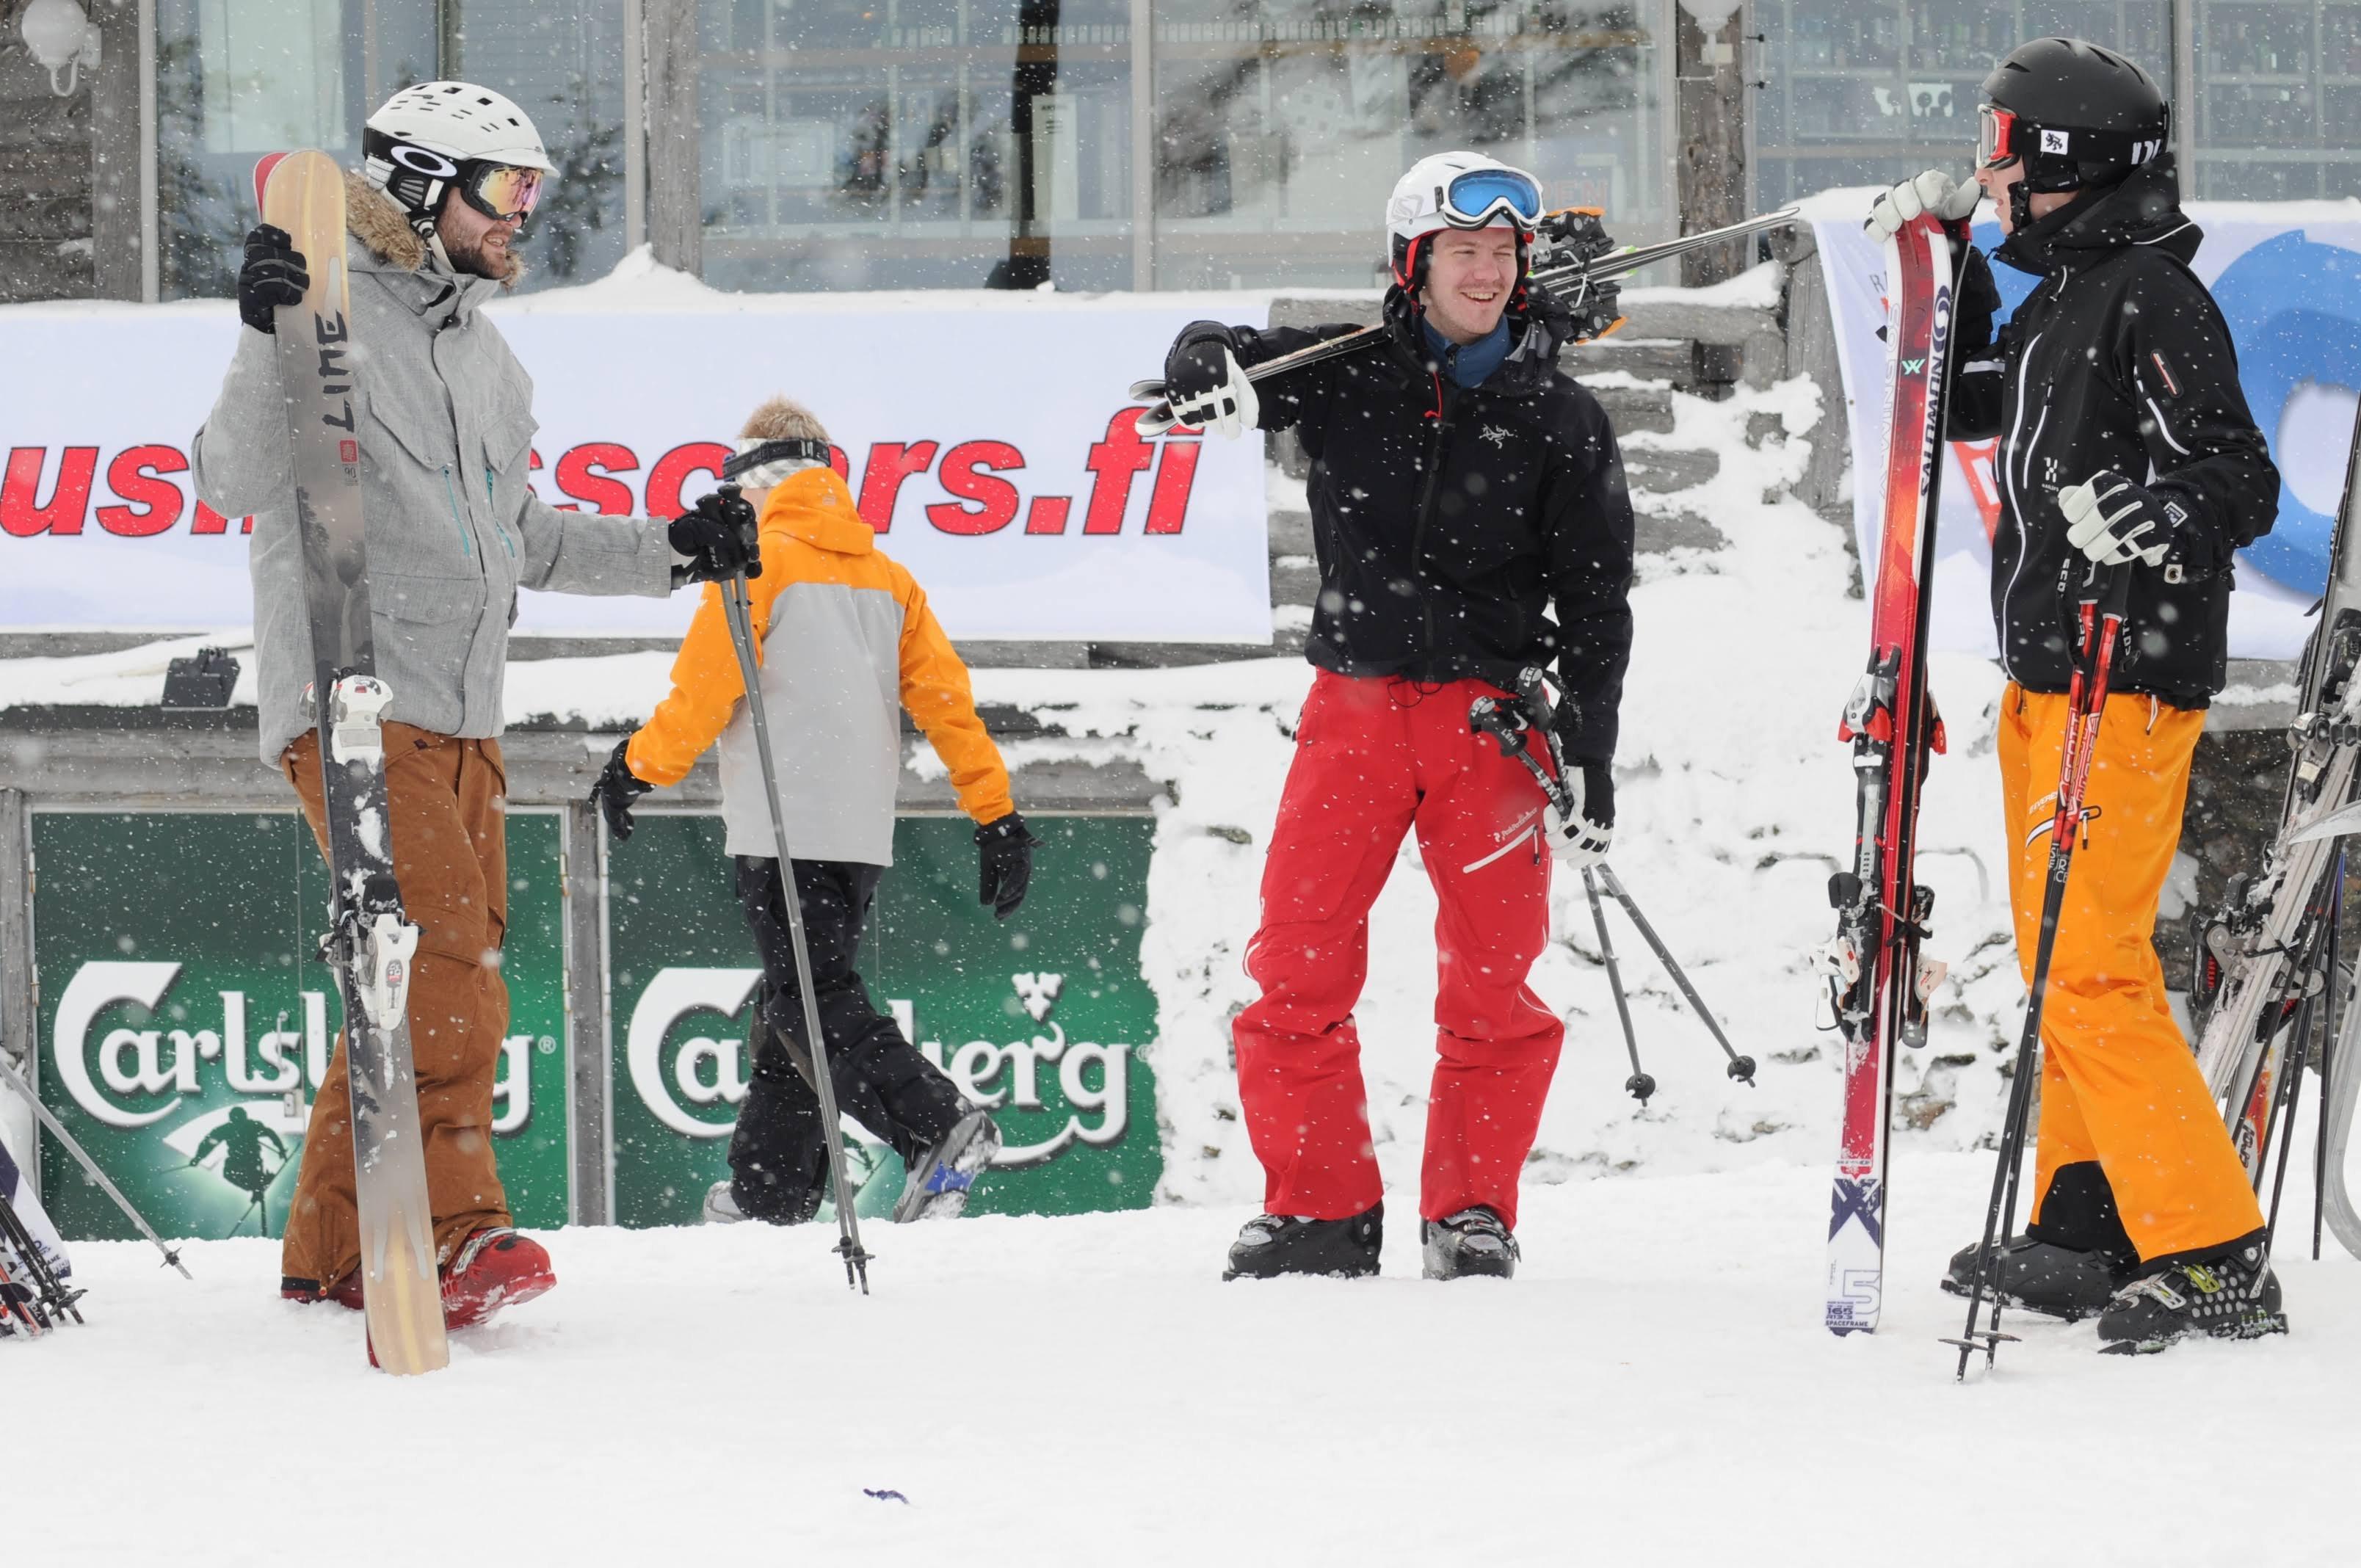 Levi_ski_resort_companies